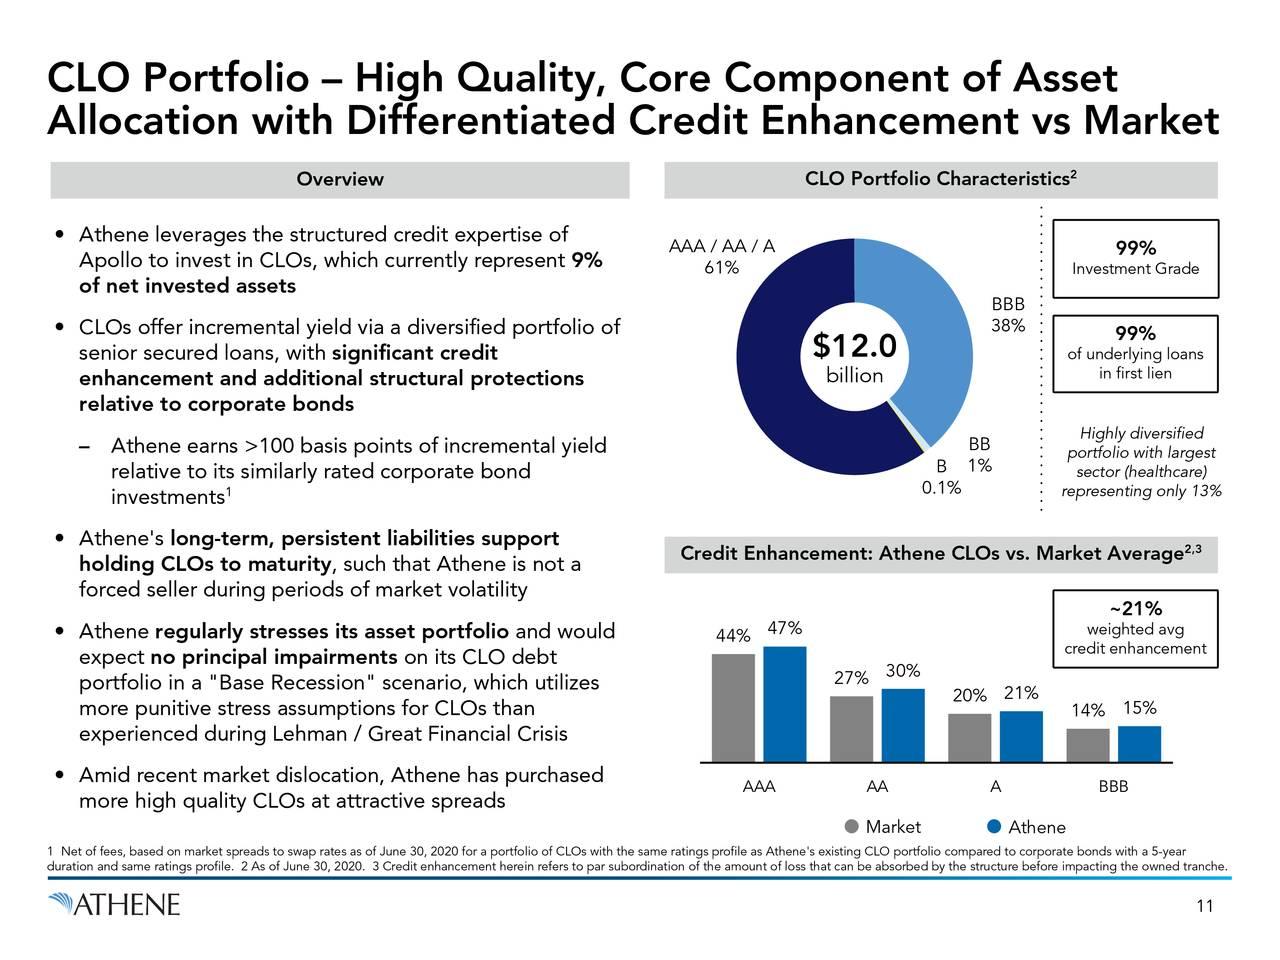 Cartera de CLO: componente básico del activo de alta calidad